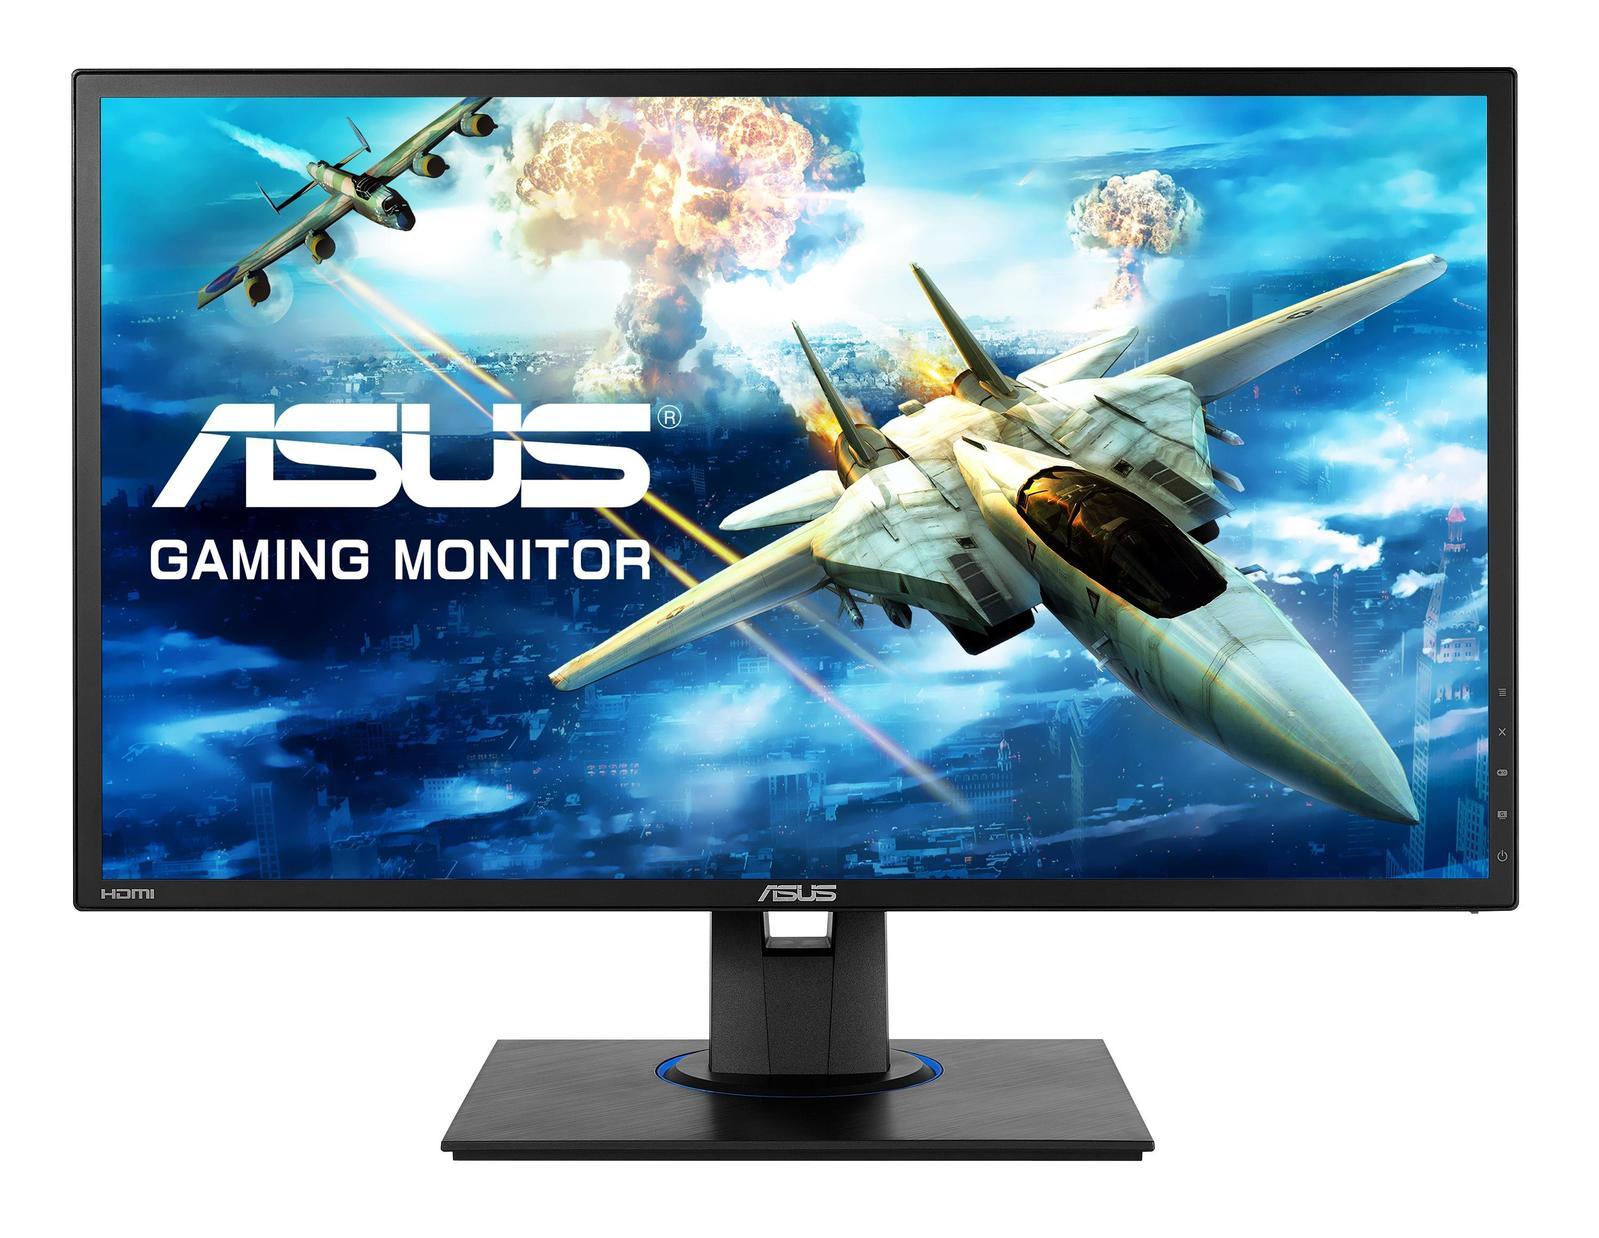 Bild zu 24 Zoll LED-Gaming Monitor ASUS VG245HE für 119€ (Vergleich: 148,49€)